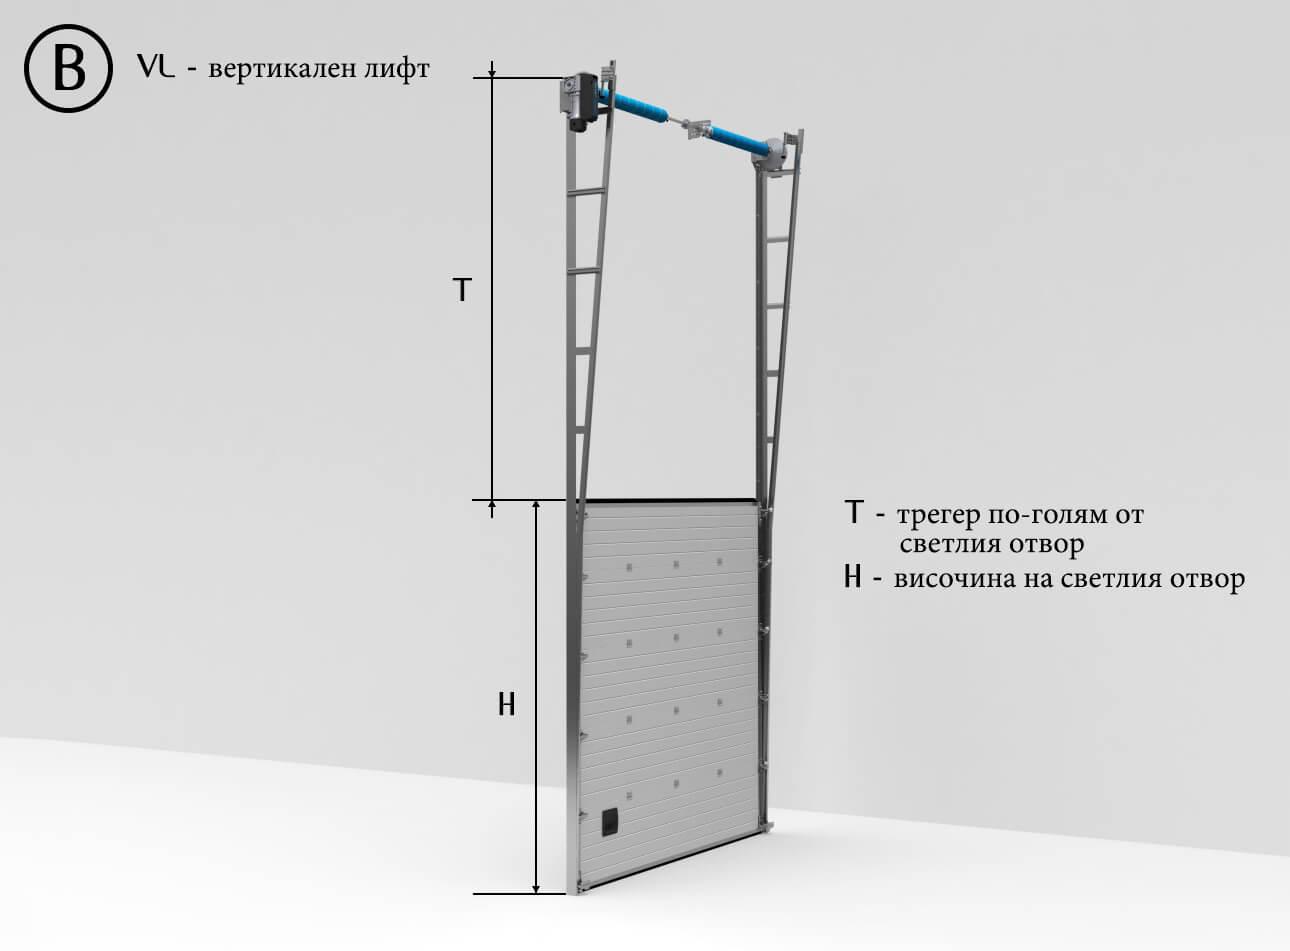 B1 - Видове ход индустриални врати - VL